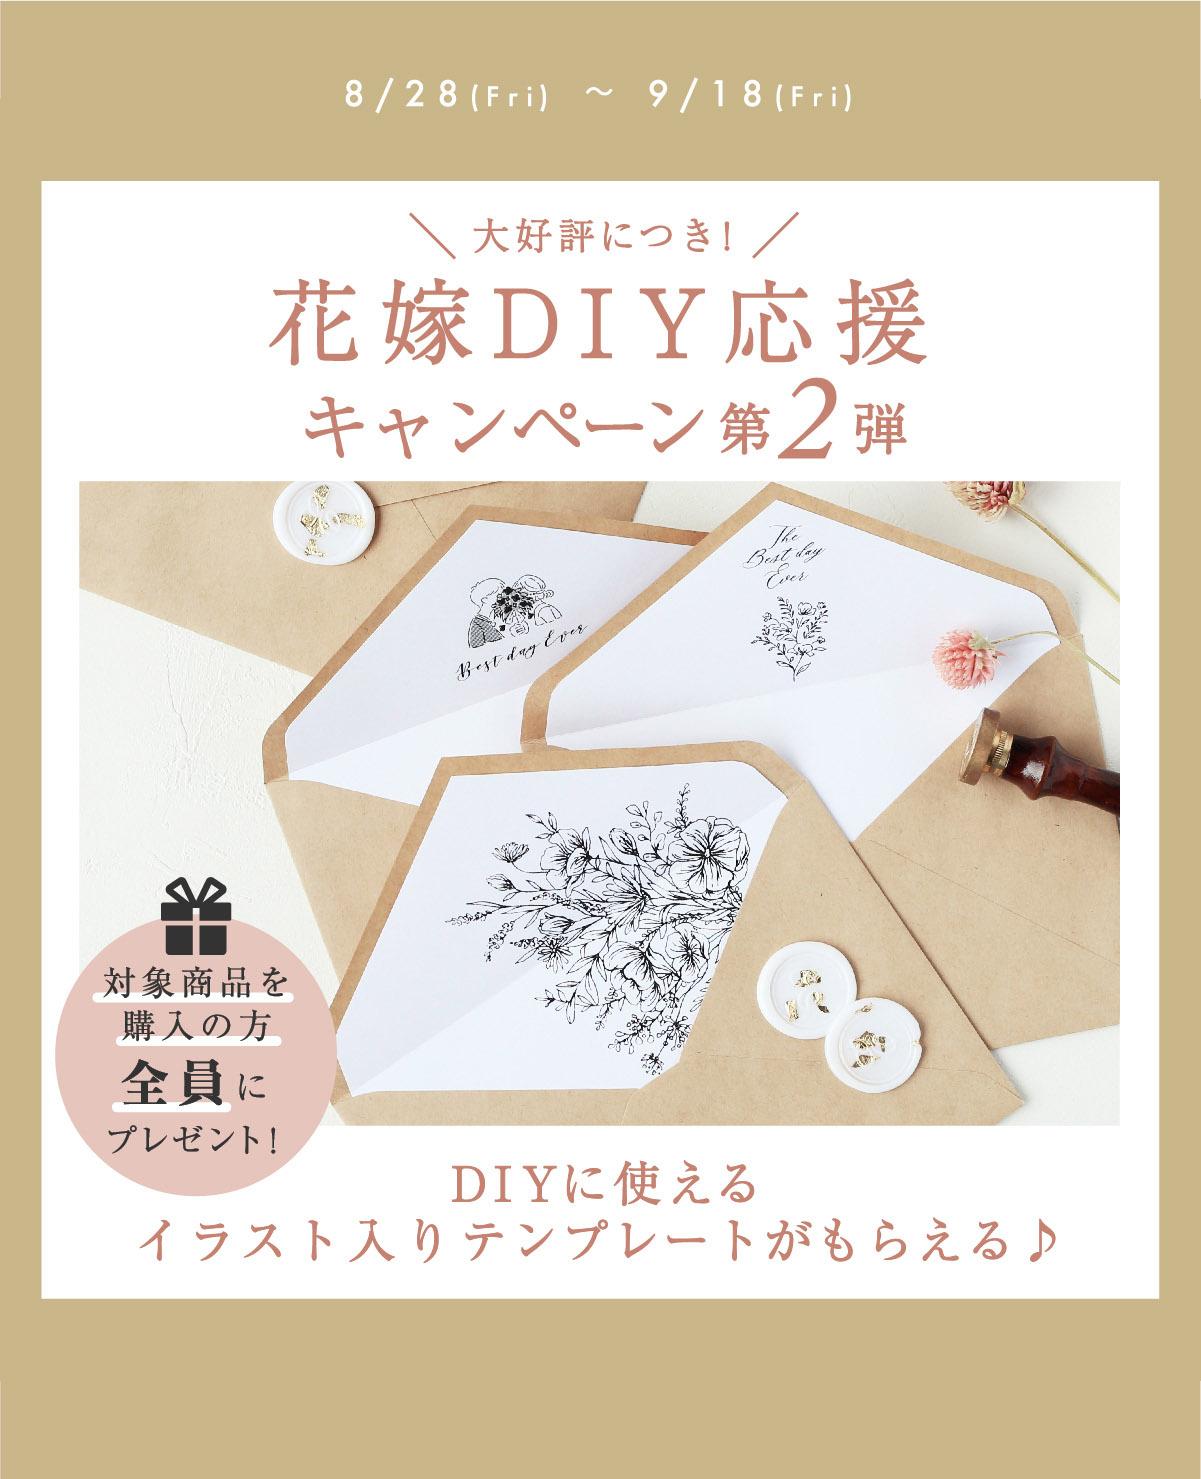 【インスタキャンペーン第二弾】対象商品購入で花嫁DIYに使えるイラスト入りテンプレートをプレゼント!